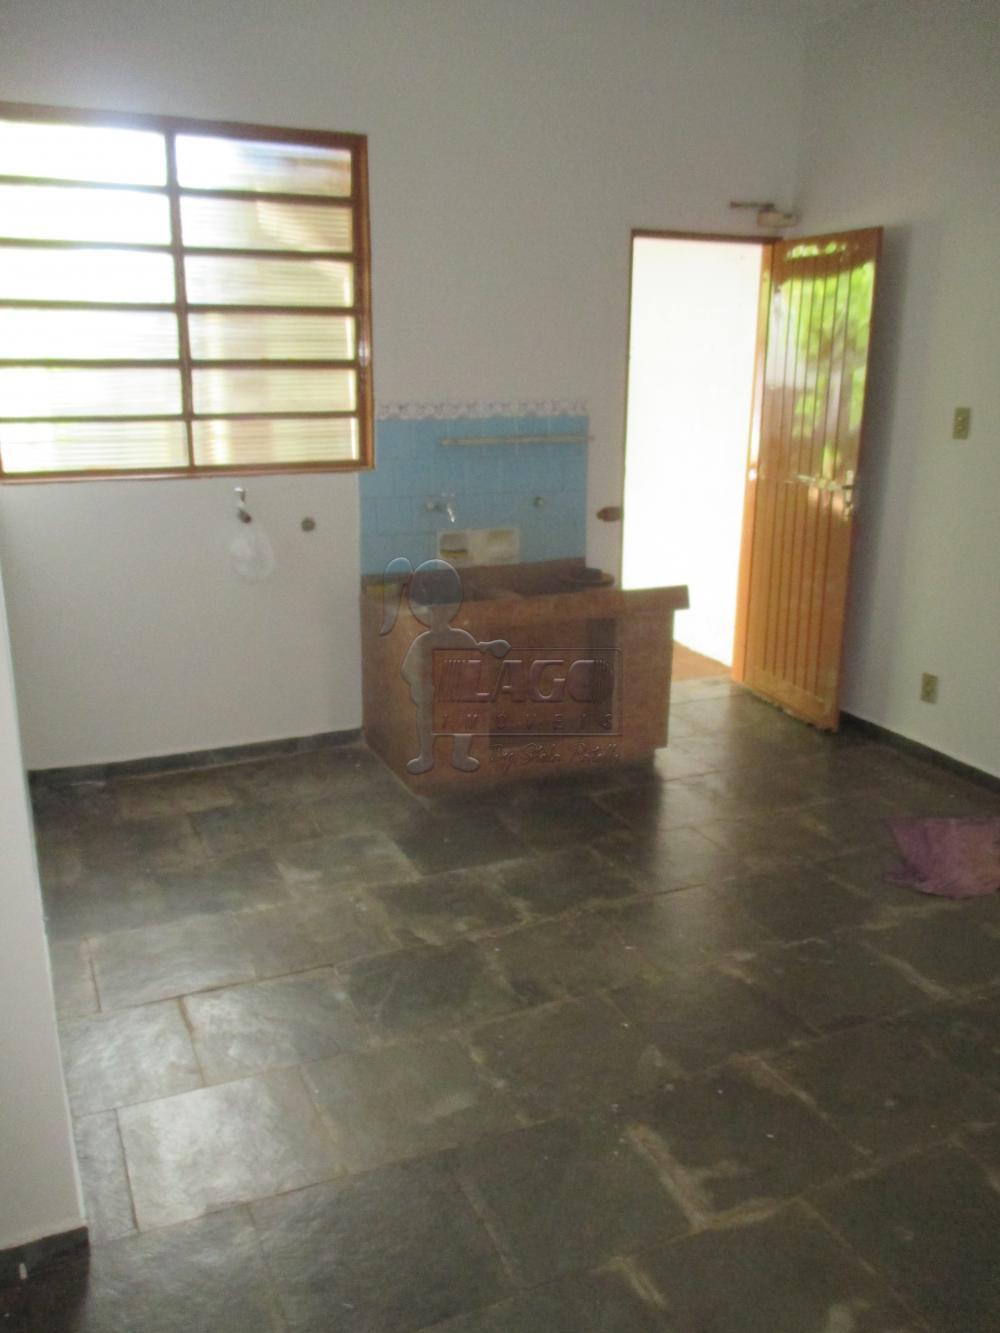 Alugar Casas / Padrão em Ribeirão Preto apenas R$ 1.200,00 - Foto 13